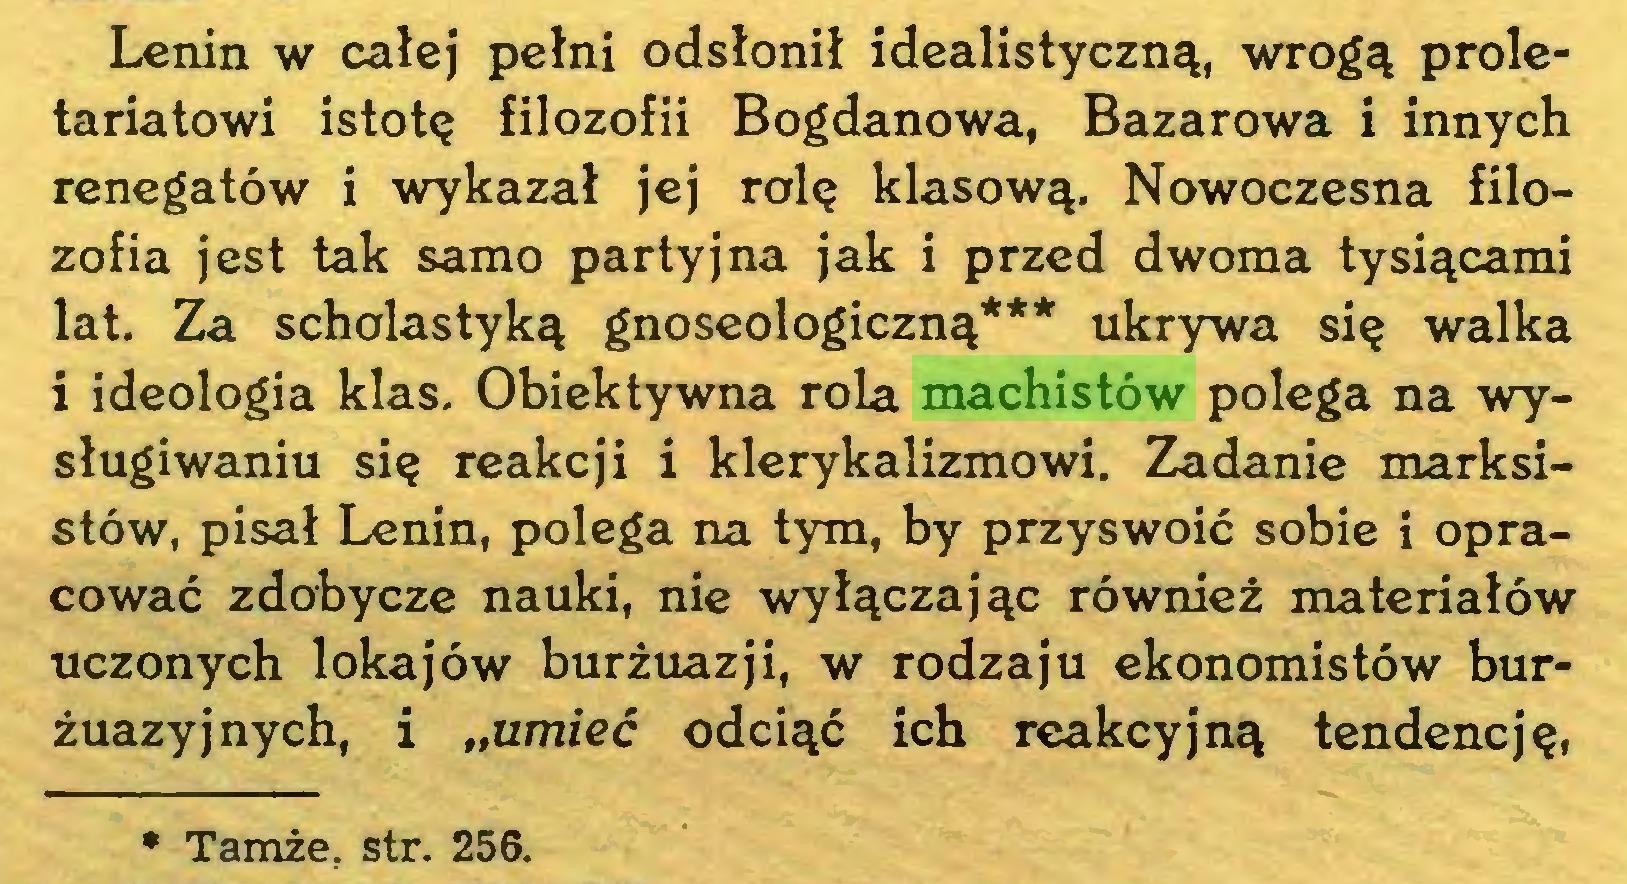 """(...) Lenin w całej pełni odsłonił idealistyczną, wrogą proletariatowi istotę filozofii Bogdanowa, Bazarowa i innych renegatów i wykazał jej rolę klasową. Nowoczesna filozofia jest tak samo partyjna jak i przed dwoma tysiącami lat. Za scholastyką gnoseologiczną*** ukrywa się walka i ideologia klas. Obiektywna rola machistów polega na wysługiwaniu się reakcji i klerykalizmowi. Zadanie marksistów, pisał Lenin, polega na tym, by przyswoić sobie i opracować zdobycze nauki, nie wyłączając również materiałów uczonych lokajów burżuazji, w rodzaju ekonomistów burżuazyjnych, i """"umieć odciąć ich reakcyjną tendencję, * Tamże. str. 256..."""